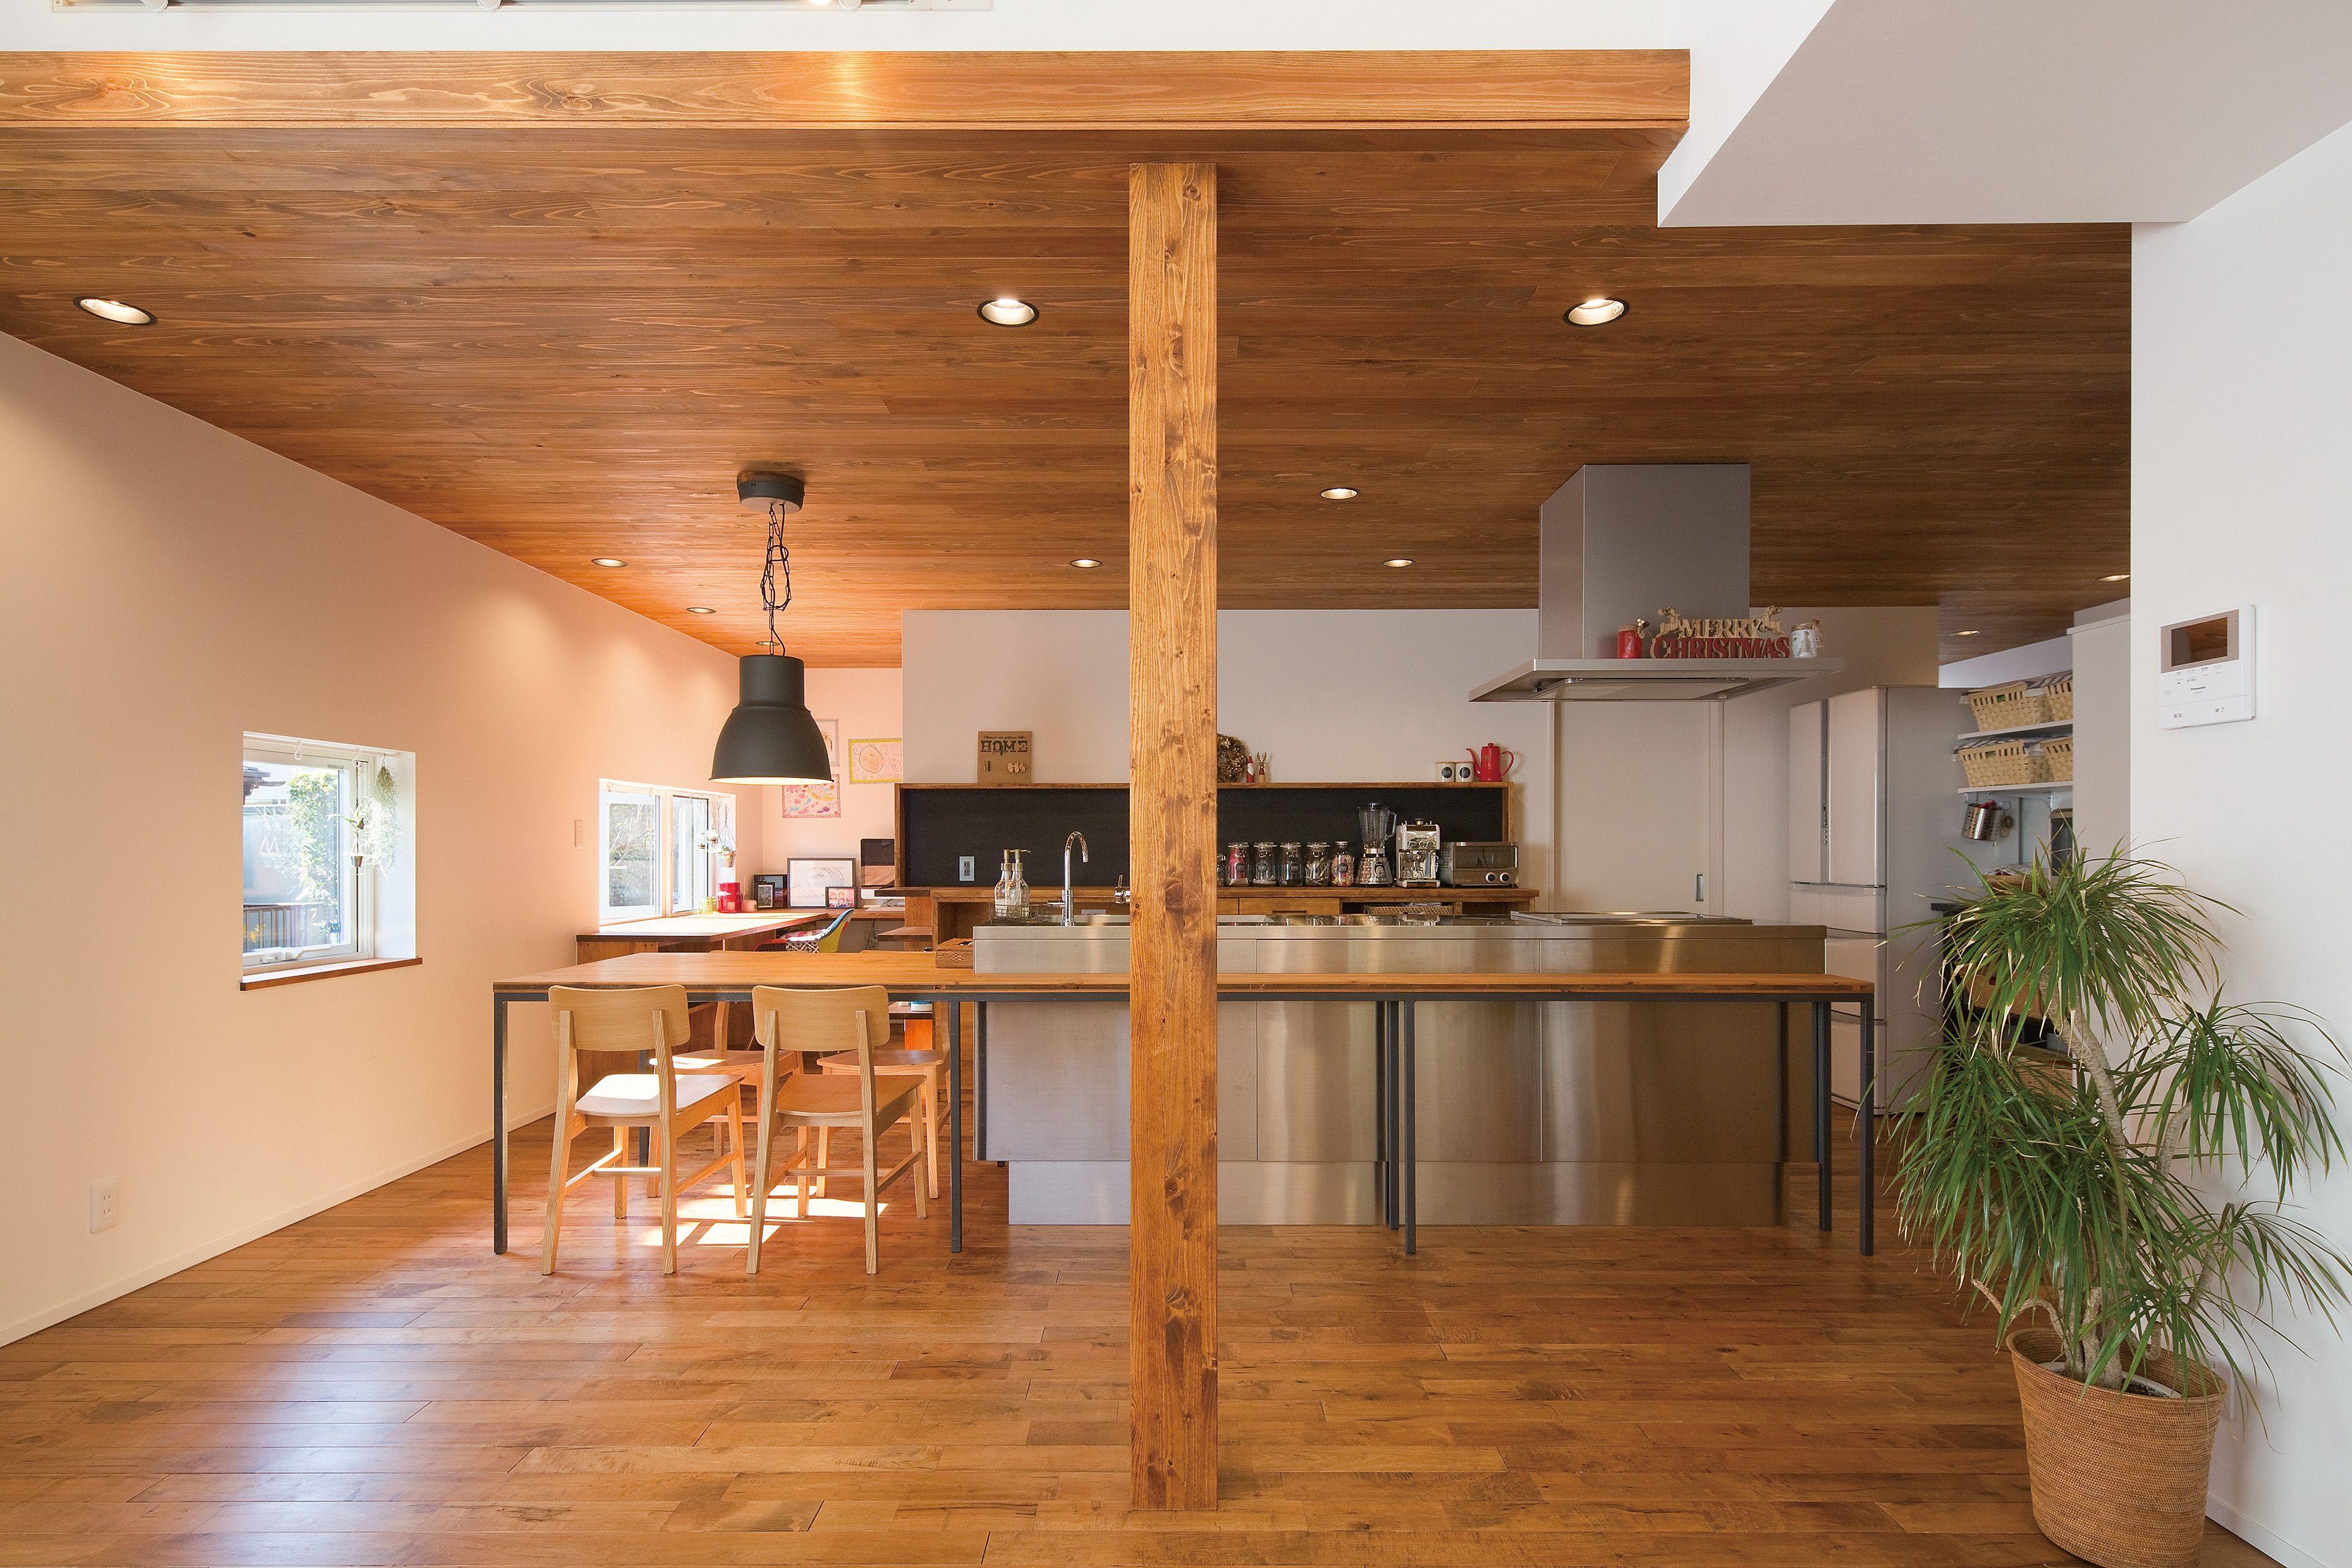 吹き抜け 勾配天井は板張り仕上げとし 間接照明を設けました キッチンからはお子様達の様子が確認できます インテリア リビング キッチン ナチュラル デザイン おしゃれ 吹き抜け 家 住宅 家 づくり